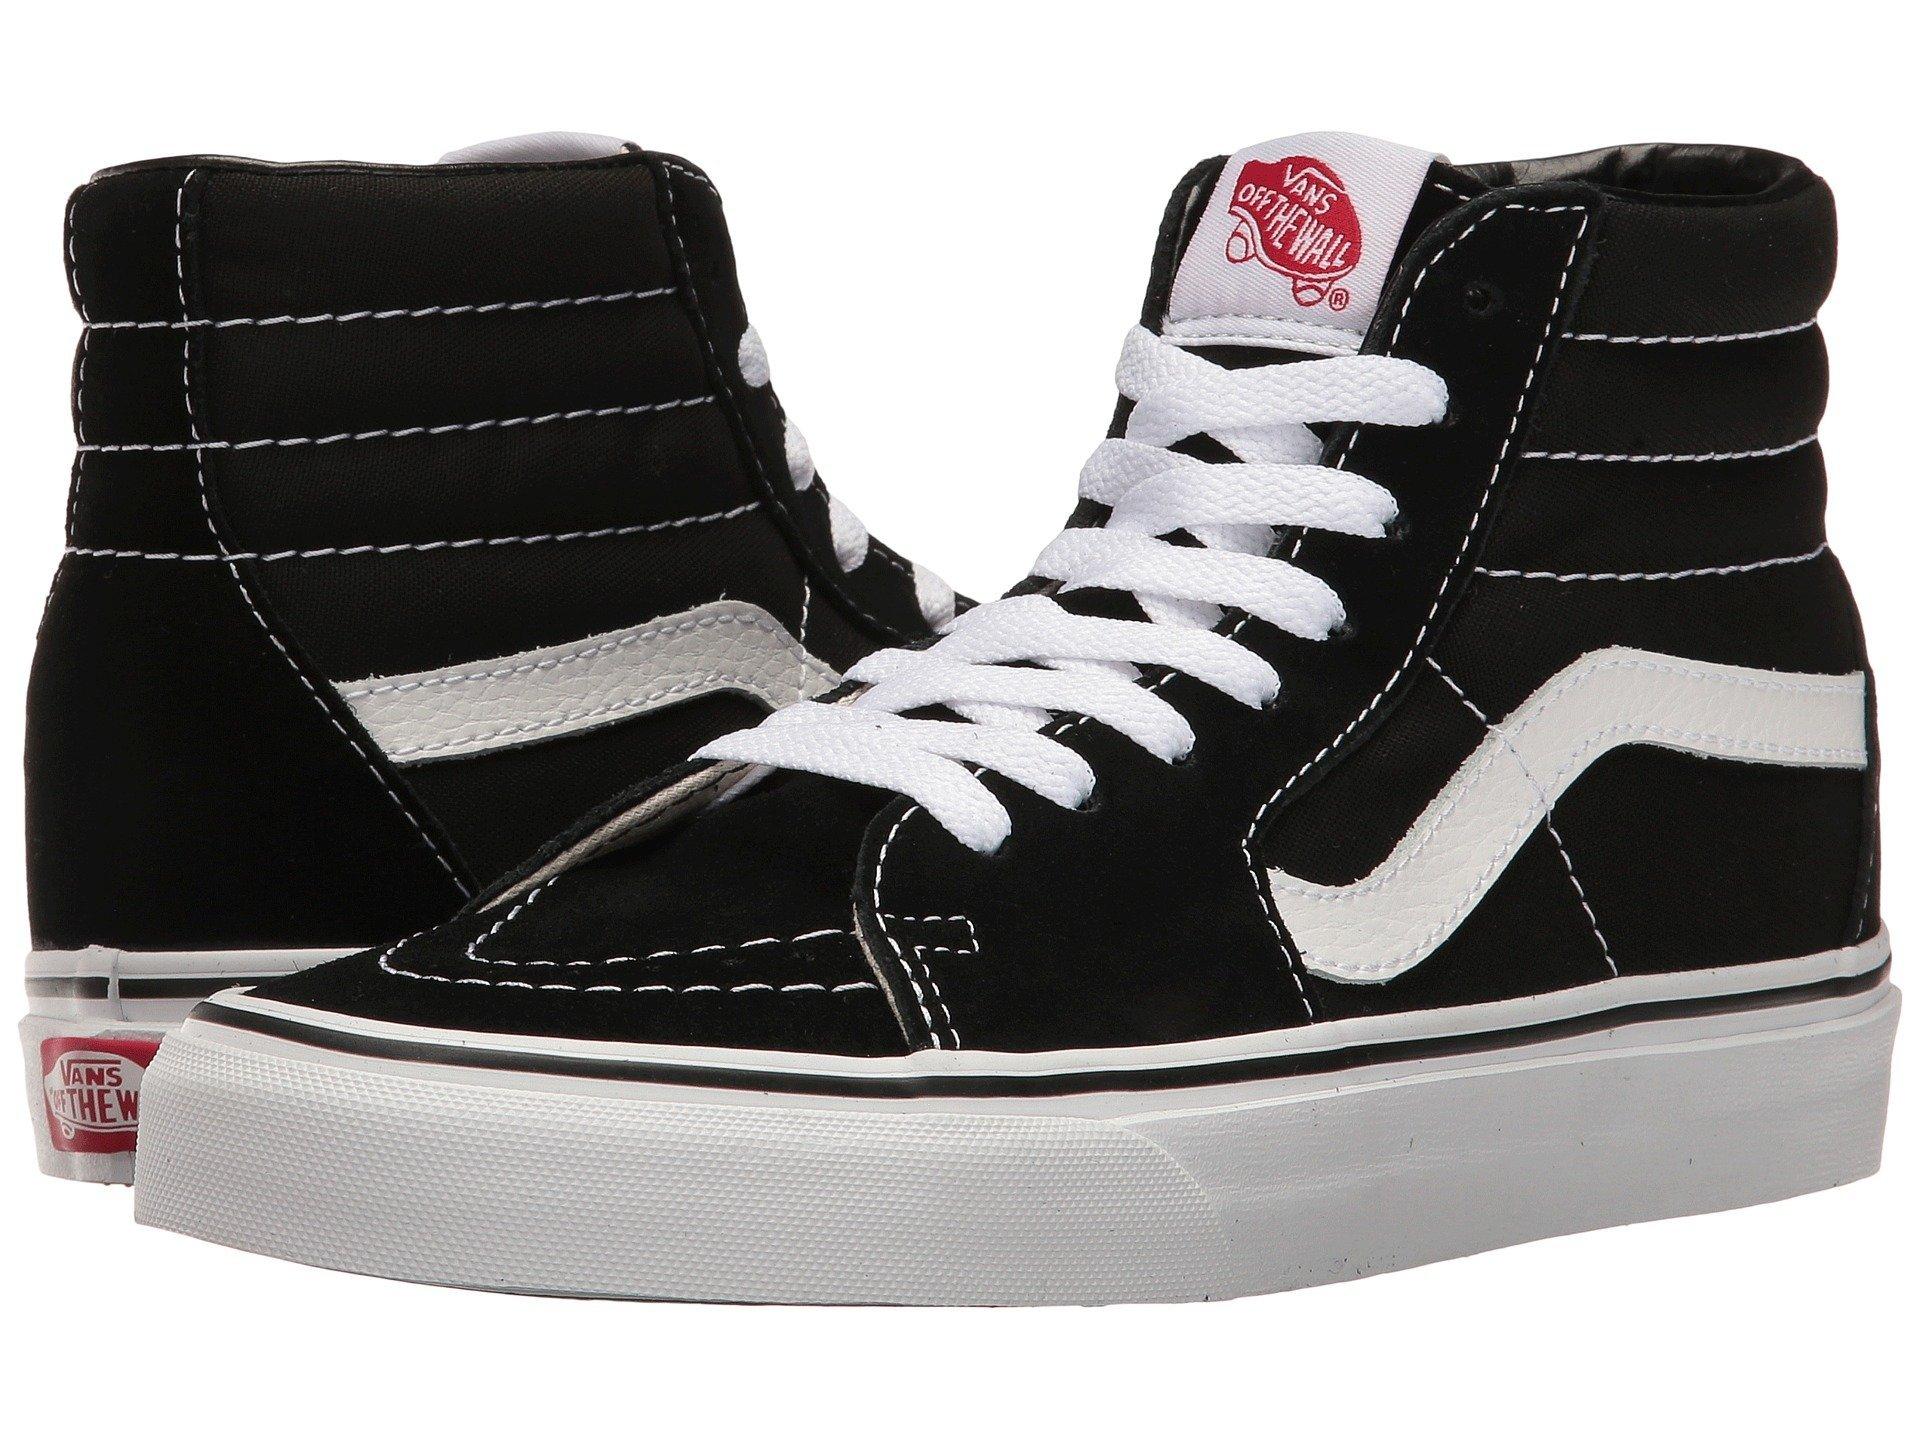 e0457488ae0 Galleon - Vans Unisex Sk8-Hi Canvas High Top Shoes (8 Men s 9.5 Women s